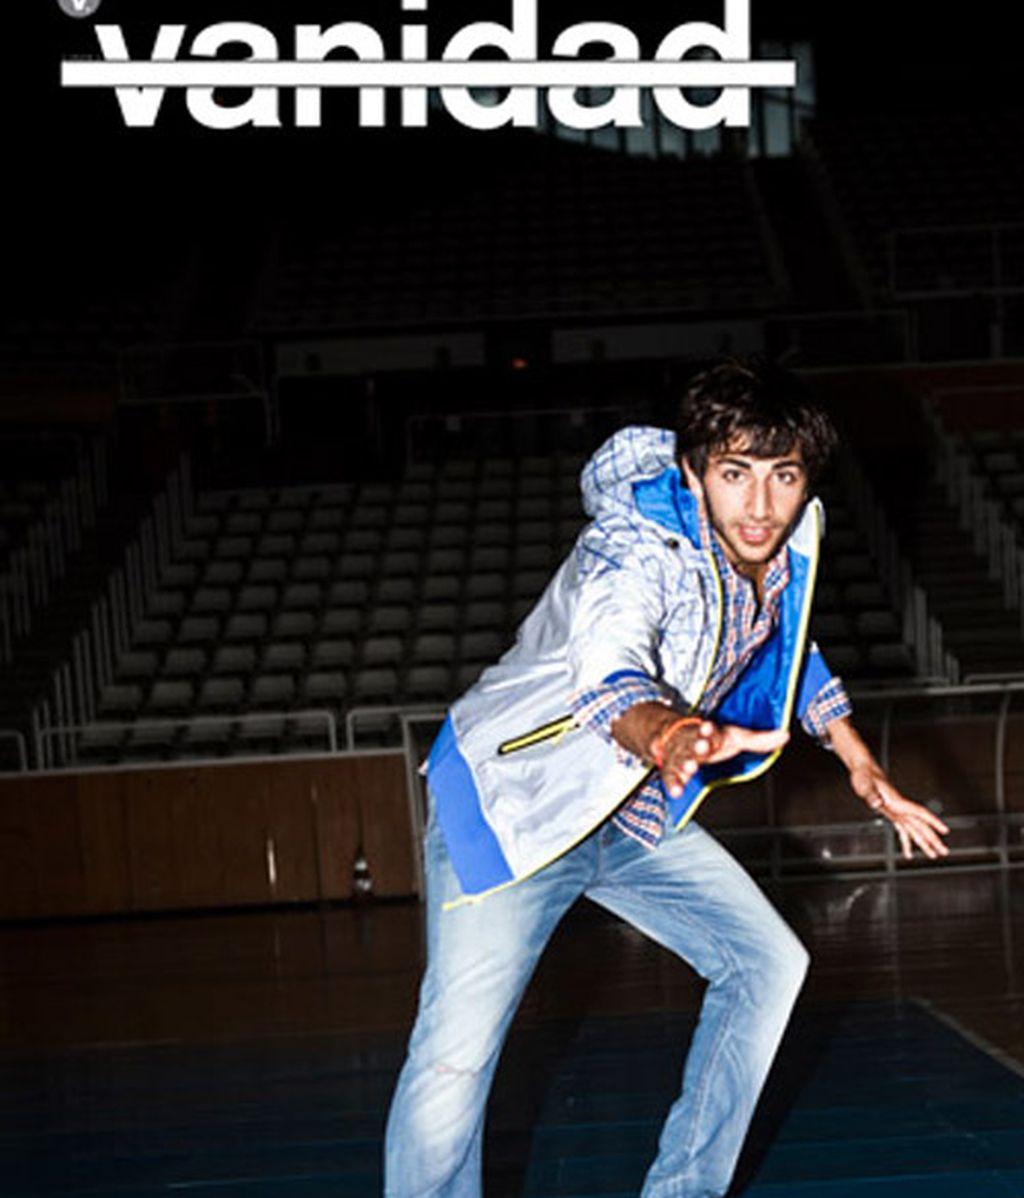 Vanidad descubre un Ricky Rubio fanático del hip hop y el golf